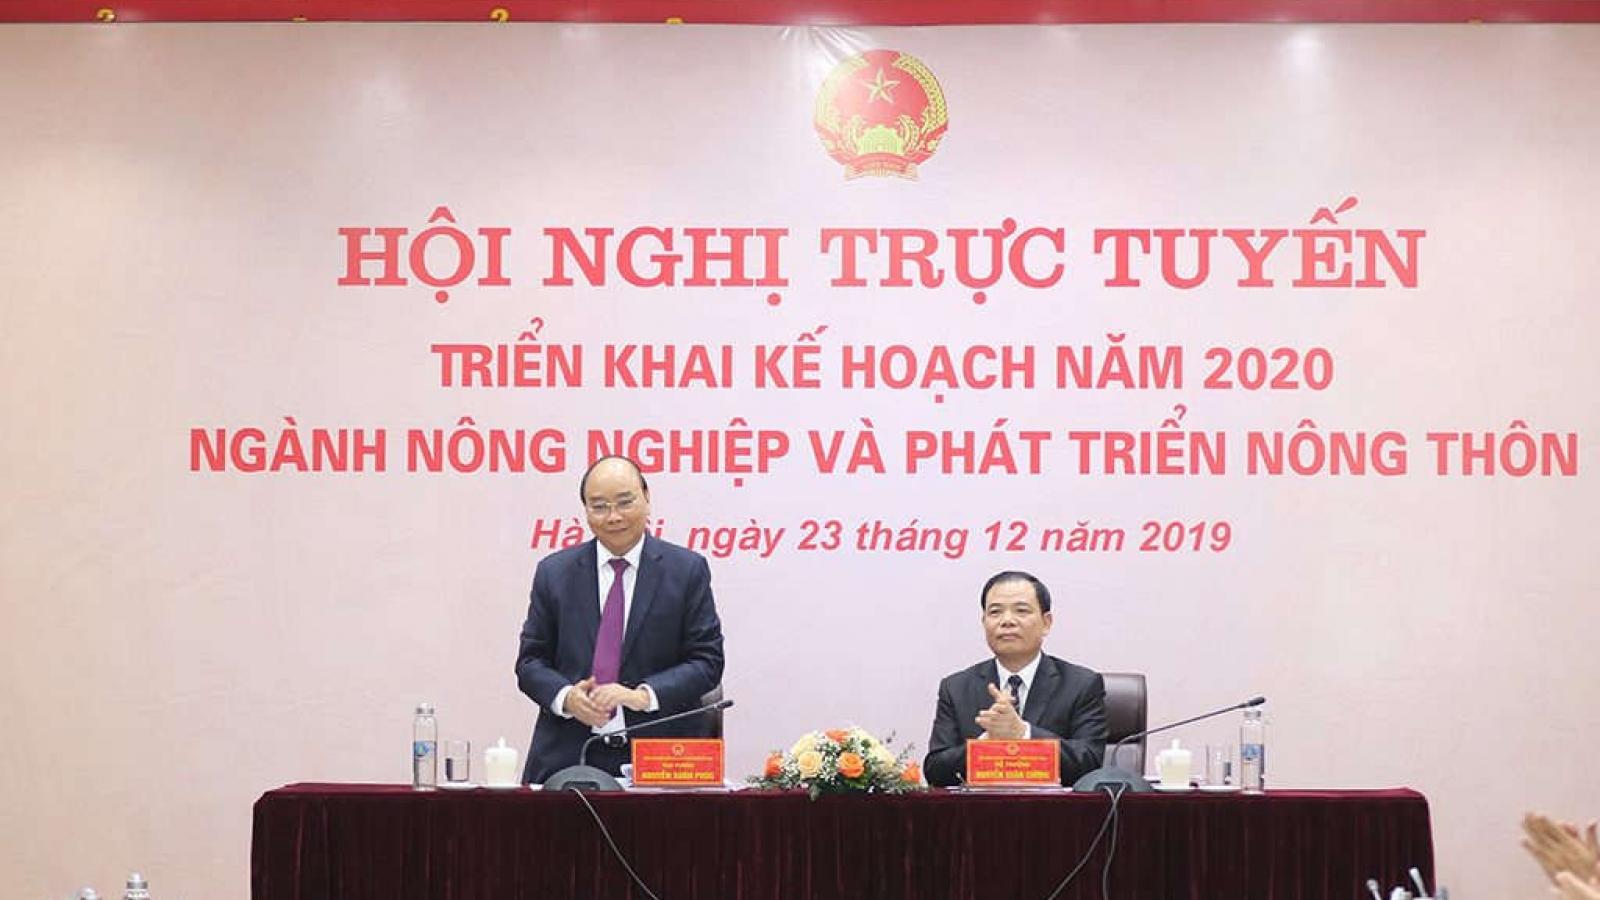 Thủ tướng dự hội nghị triển khai công tác ngành nông nghiệp